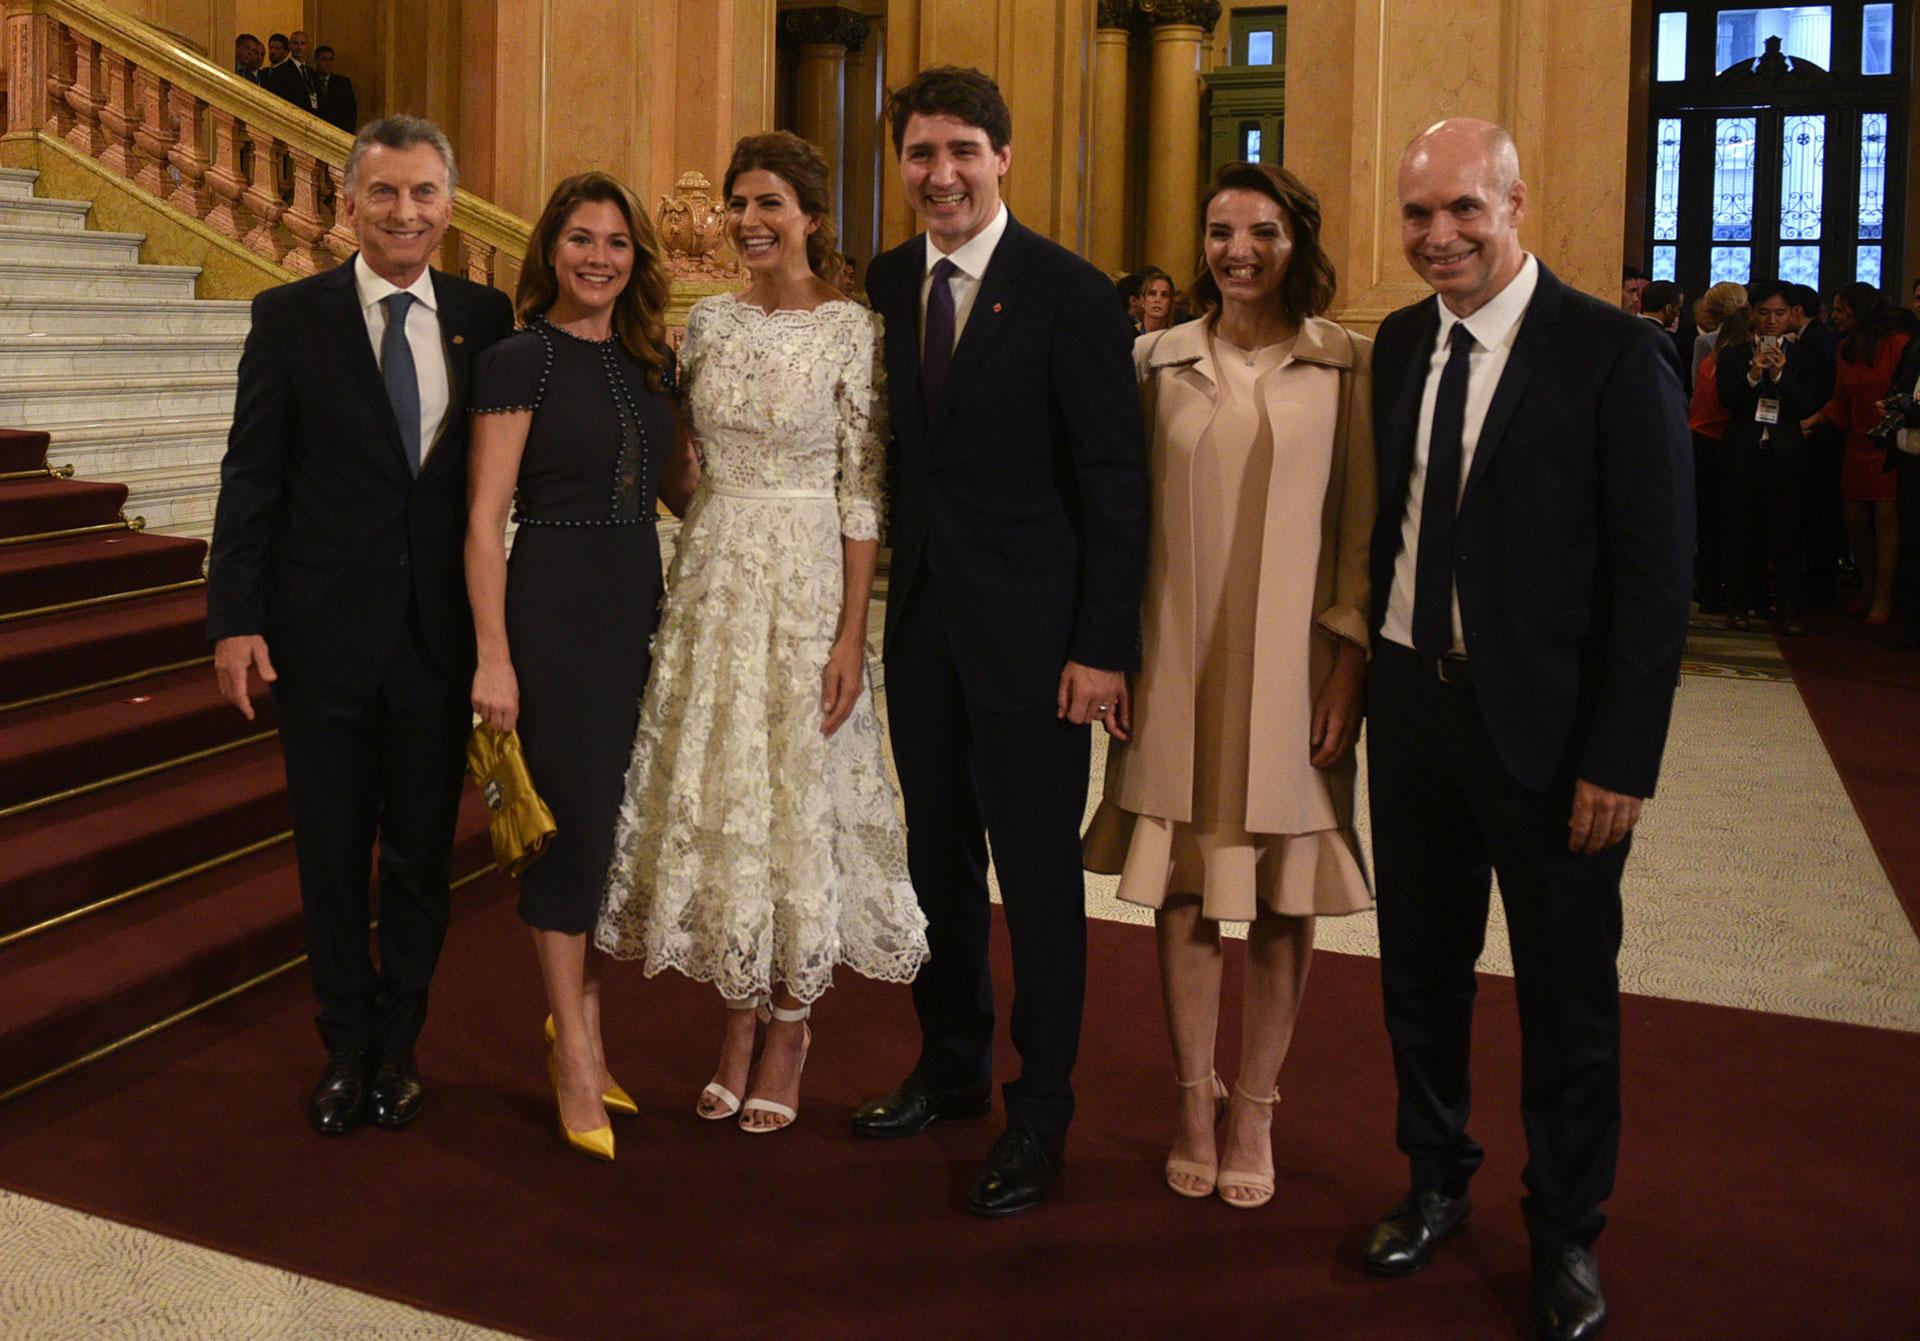 La llegada del Primer Ministro de Canadá, Justin Trudeau, y su mujer Sophie